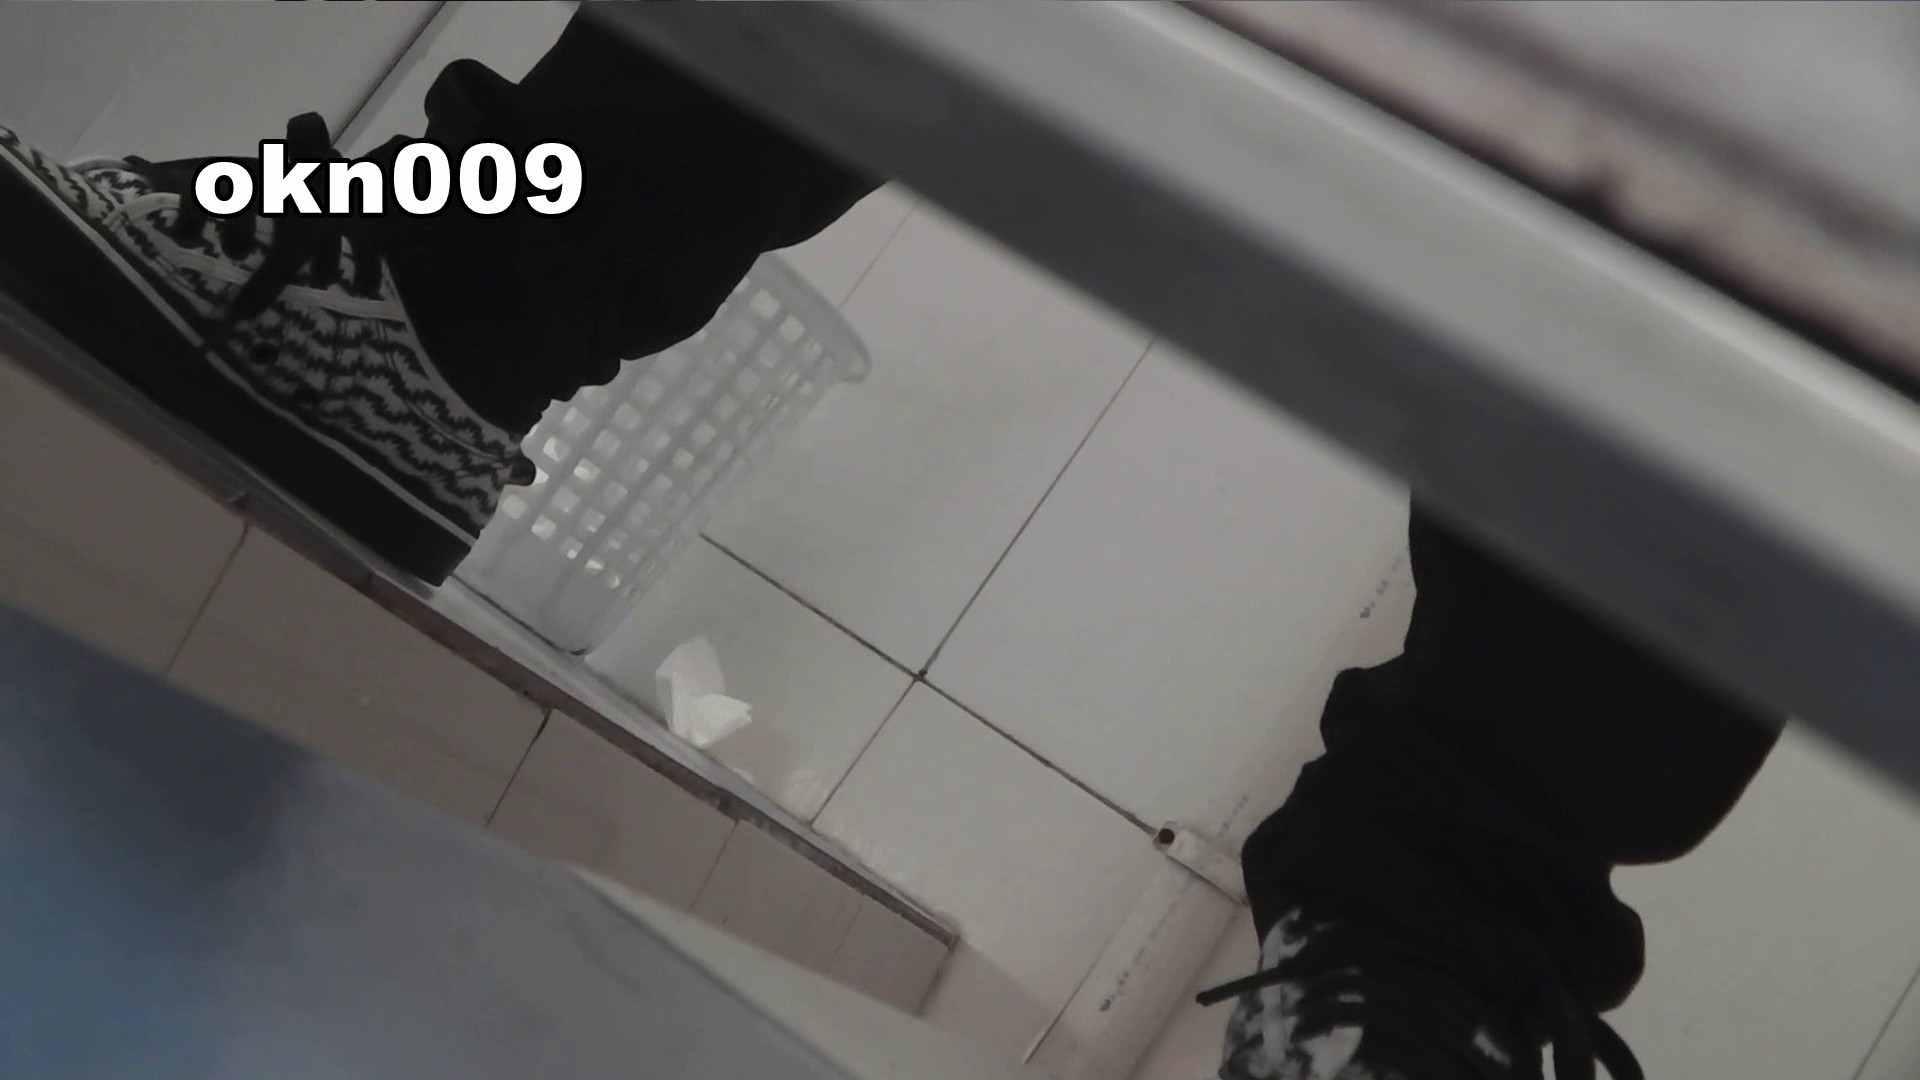 下からノゾム vol.009 リキンでモリアガった割にヒョロ 洗面所 | 丸見えマンコ  55画像 30